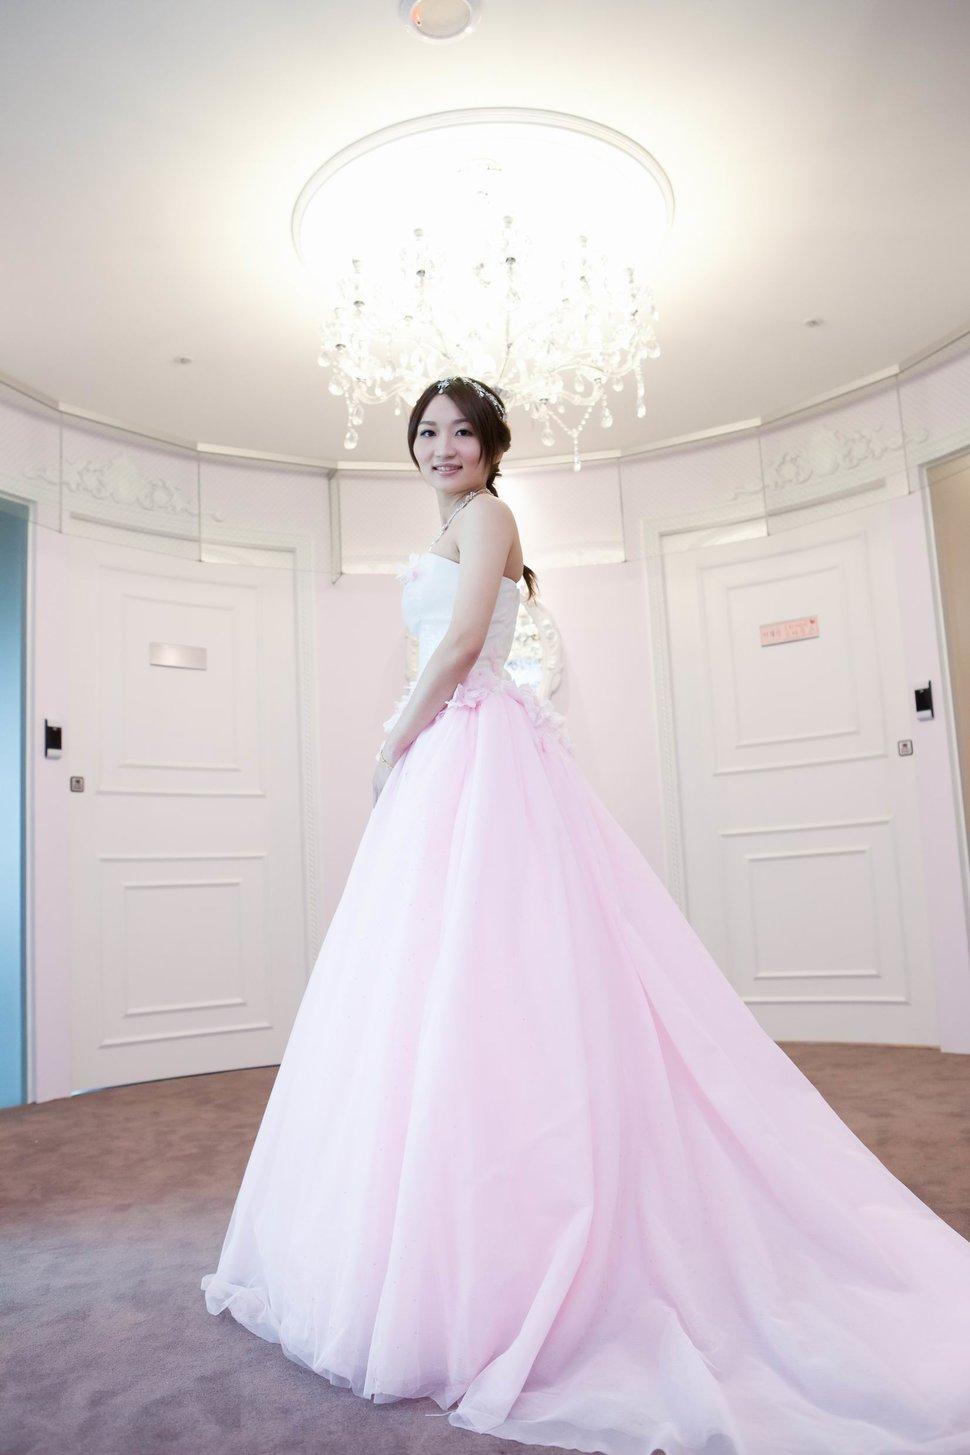 長榮桂冠酒店彭園會館婚禮記錄專業錄影平面攝影(編號:195112) - 蜜月拍照10800錄影12800攝影團隊 - 結婚吧